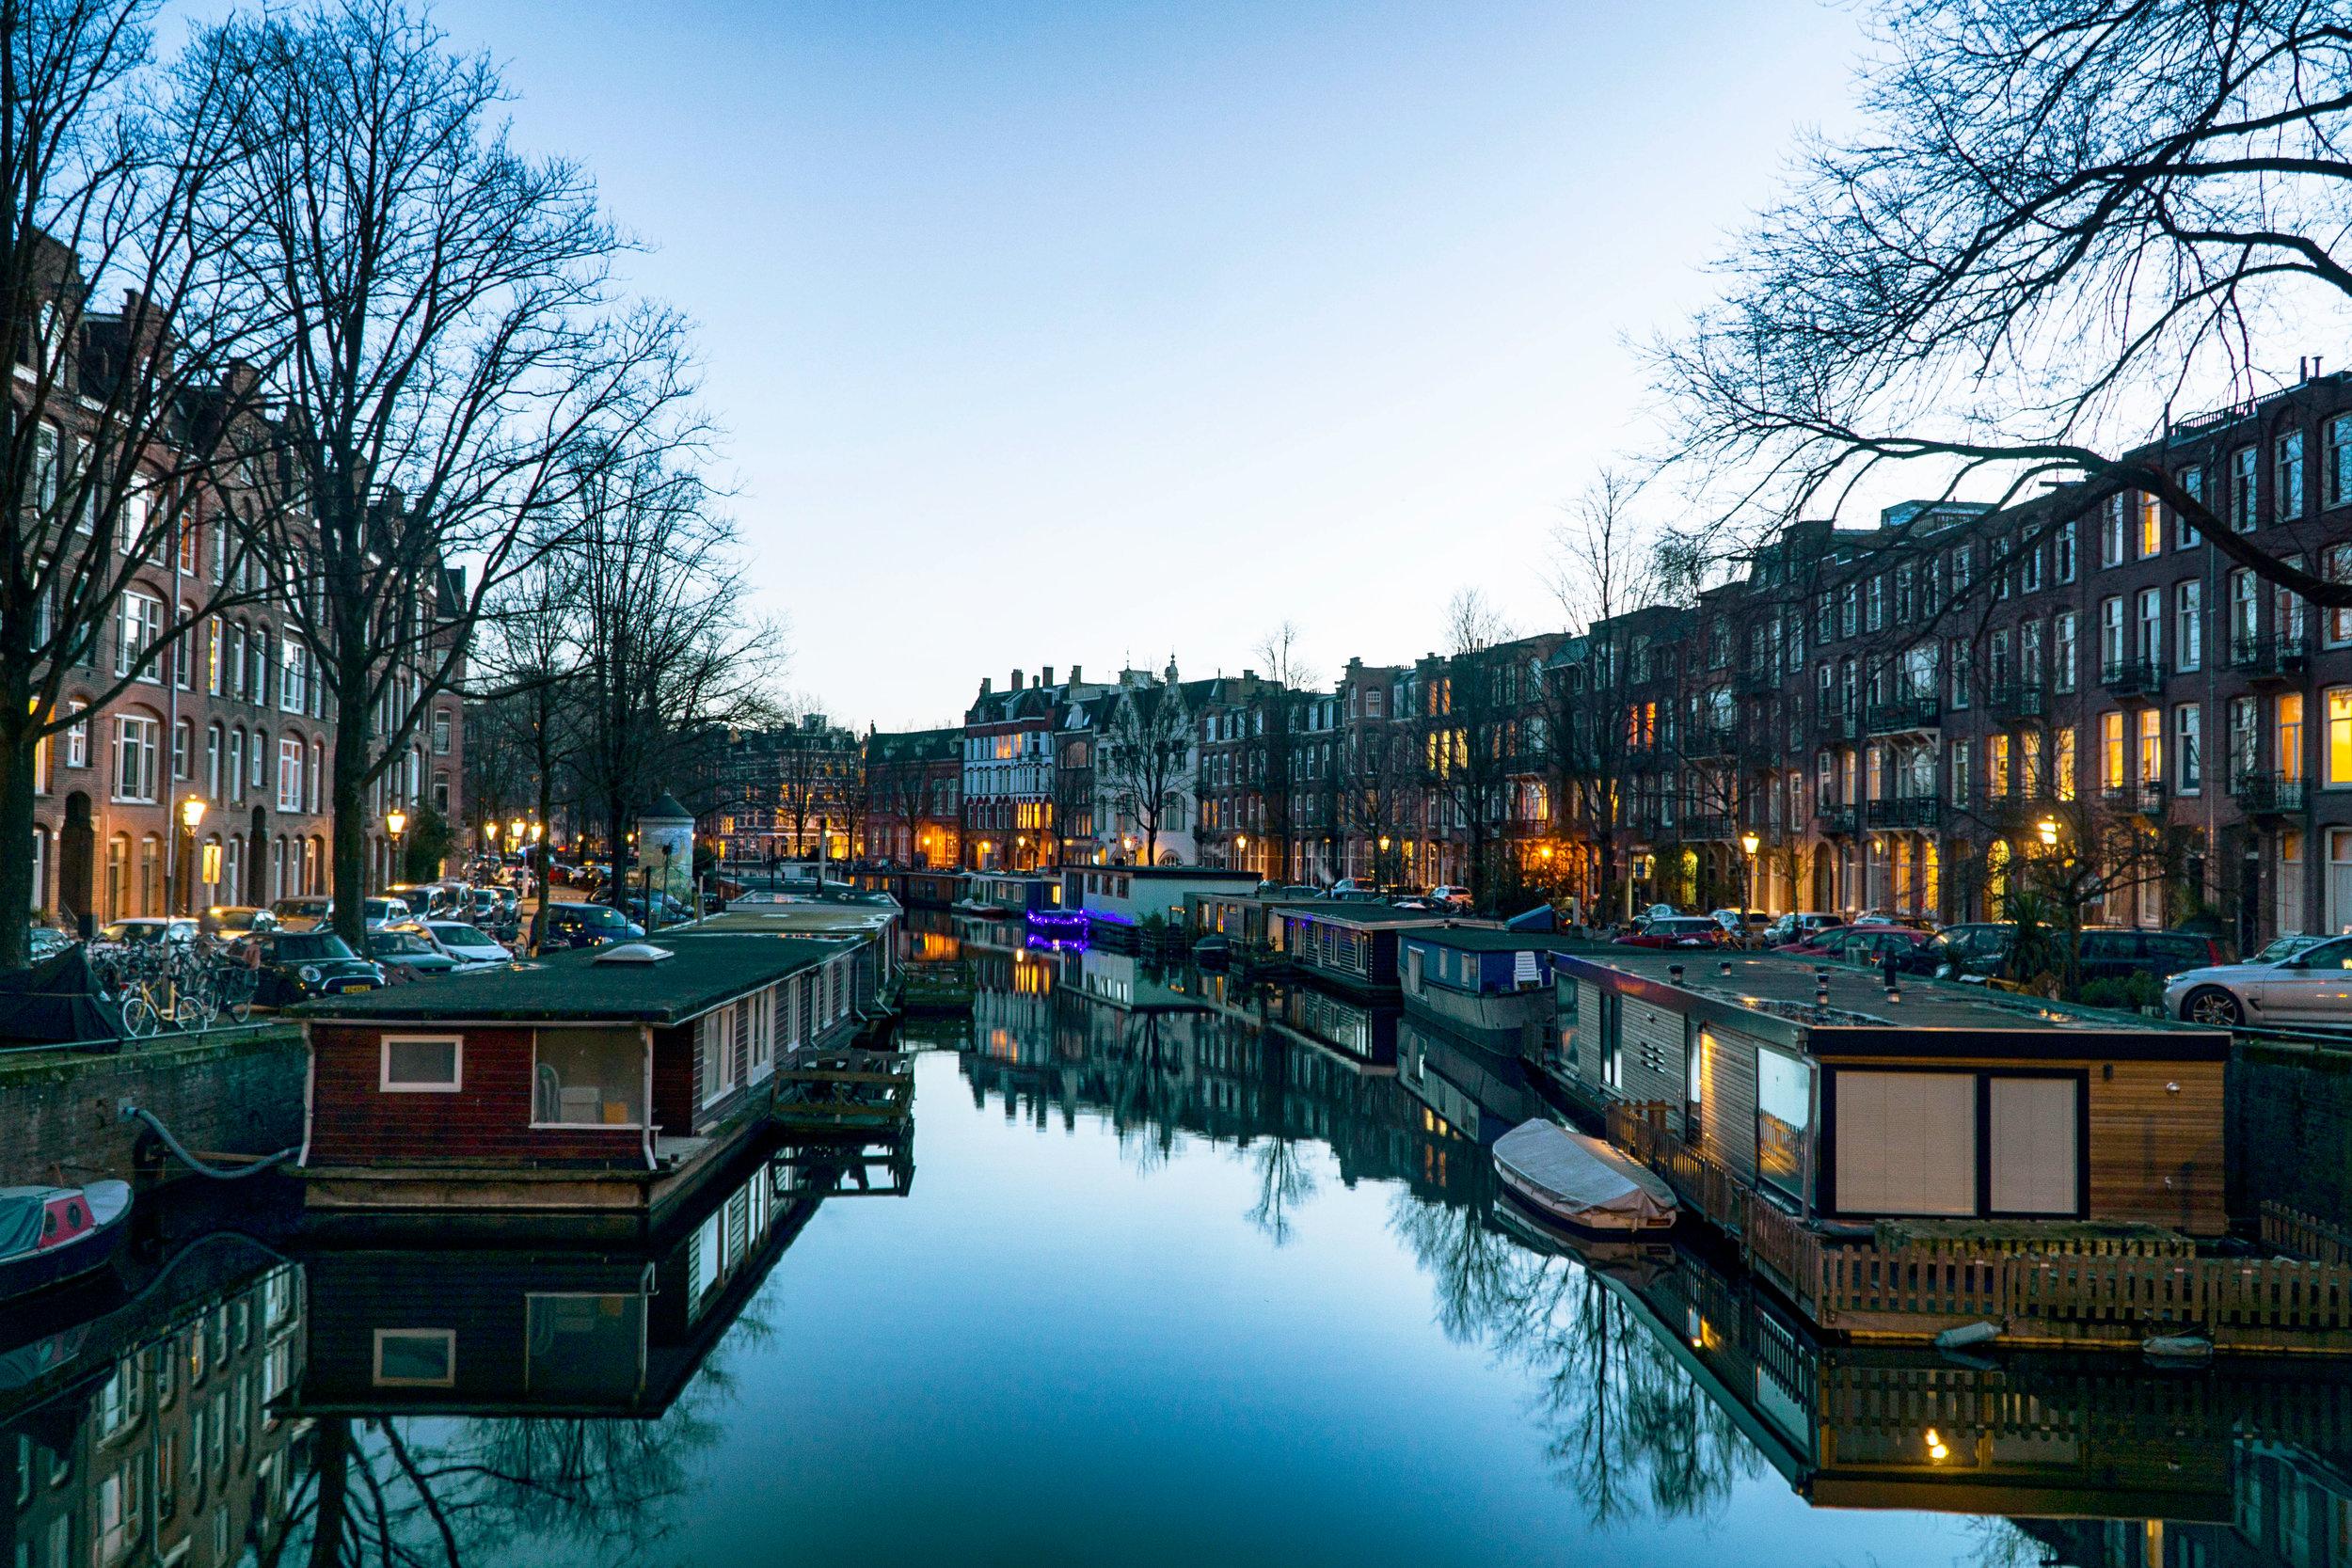 Amsterdam_vickygood_travel_photography4_sm.jpg